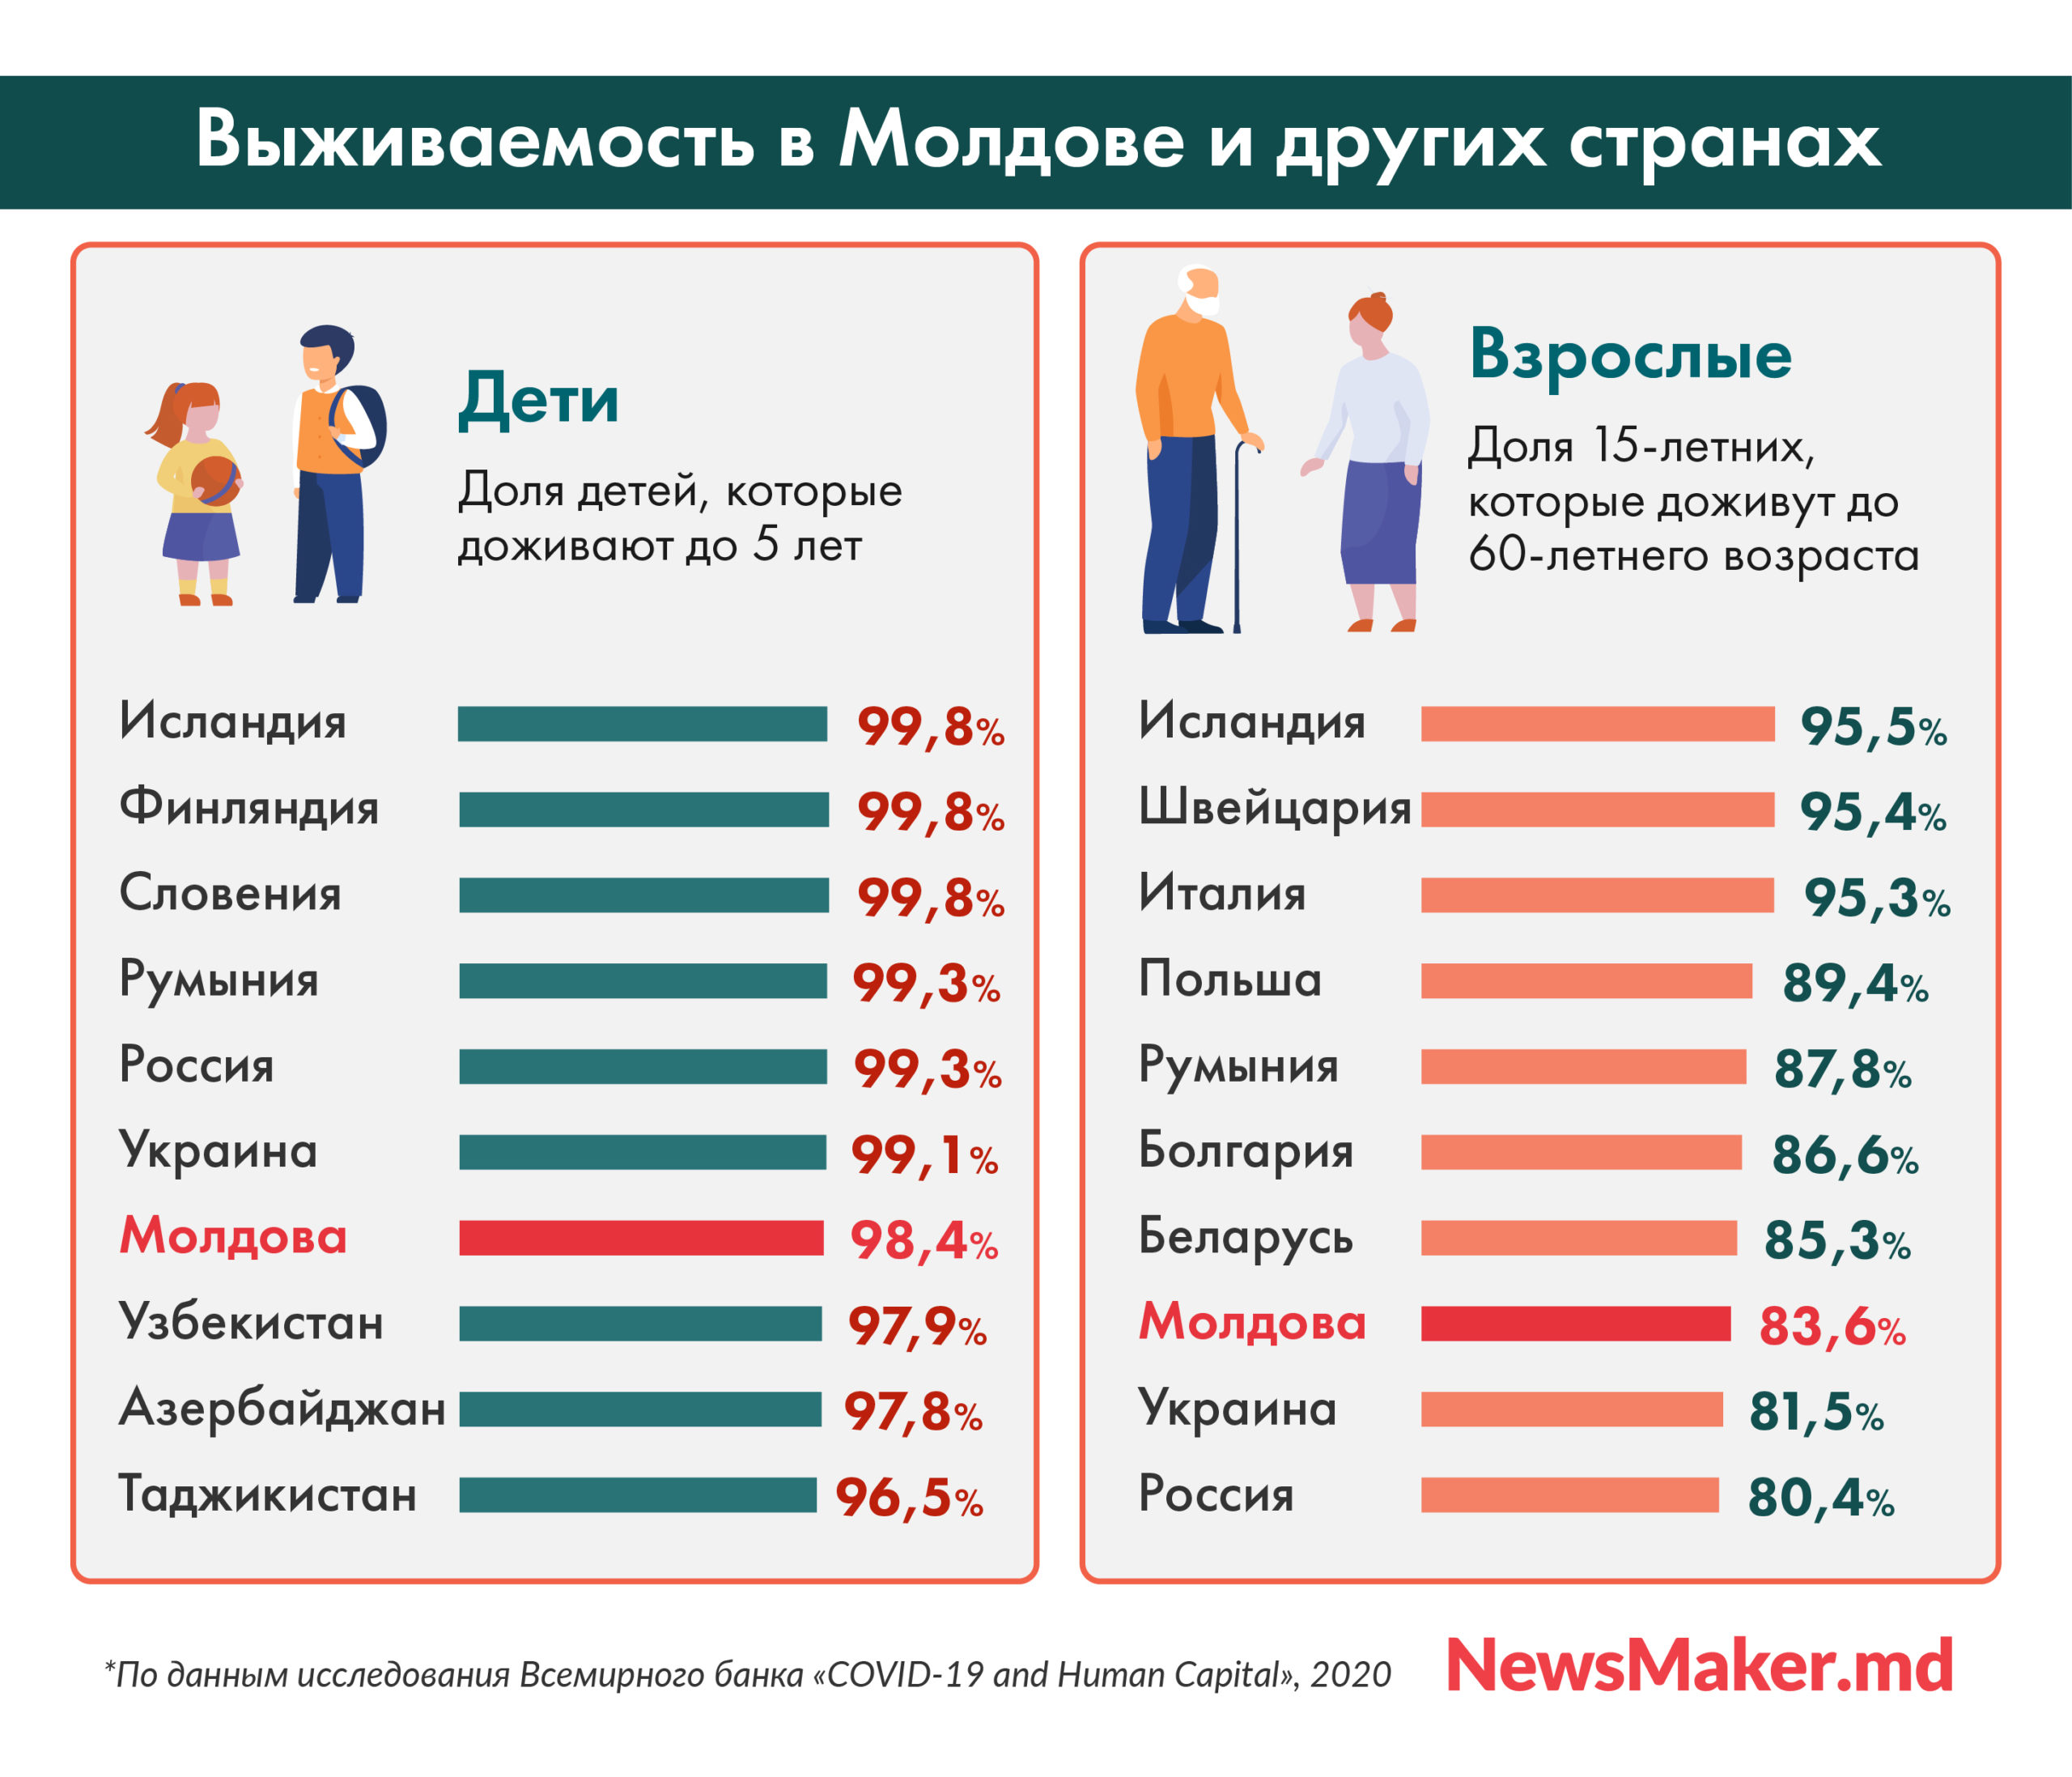 Сколько нынешних подростков в Молдове не доживут до 60 лет. И почему